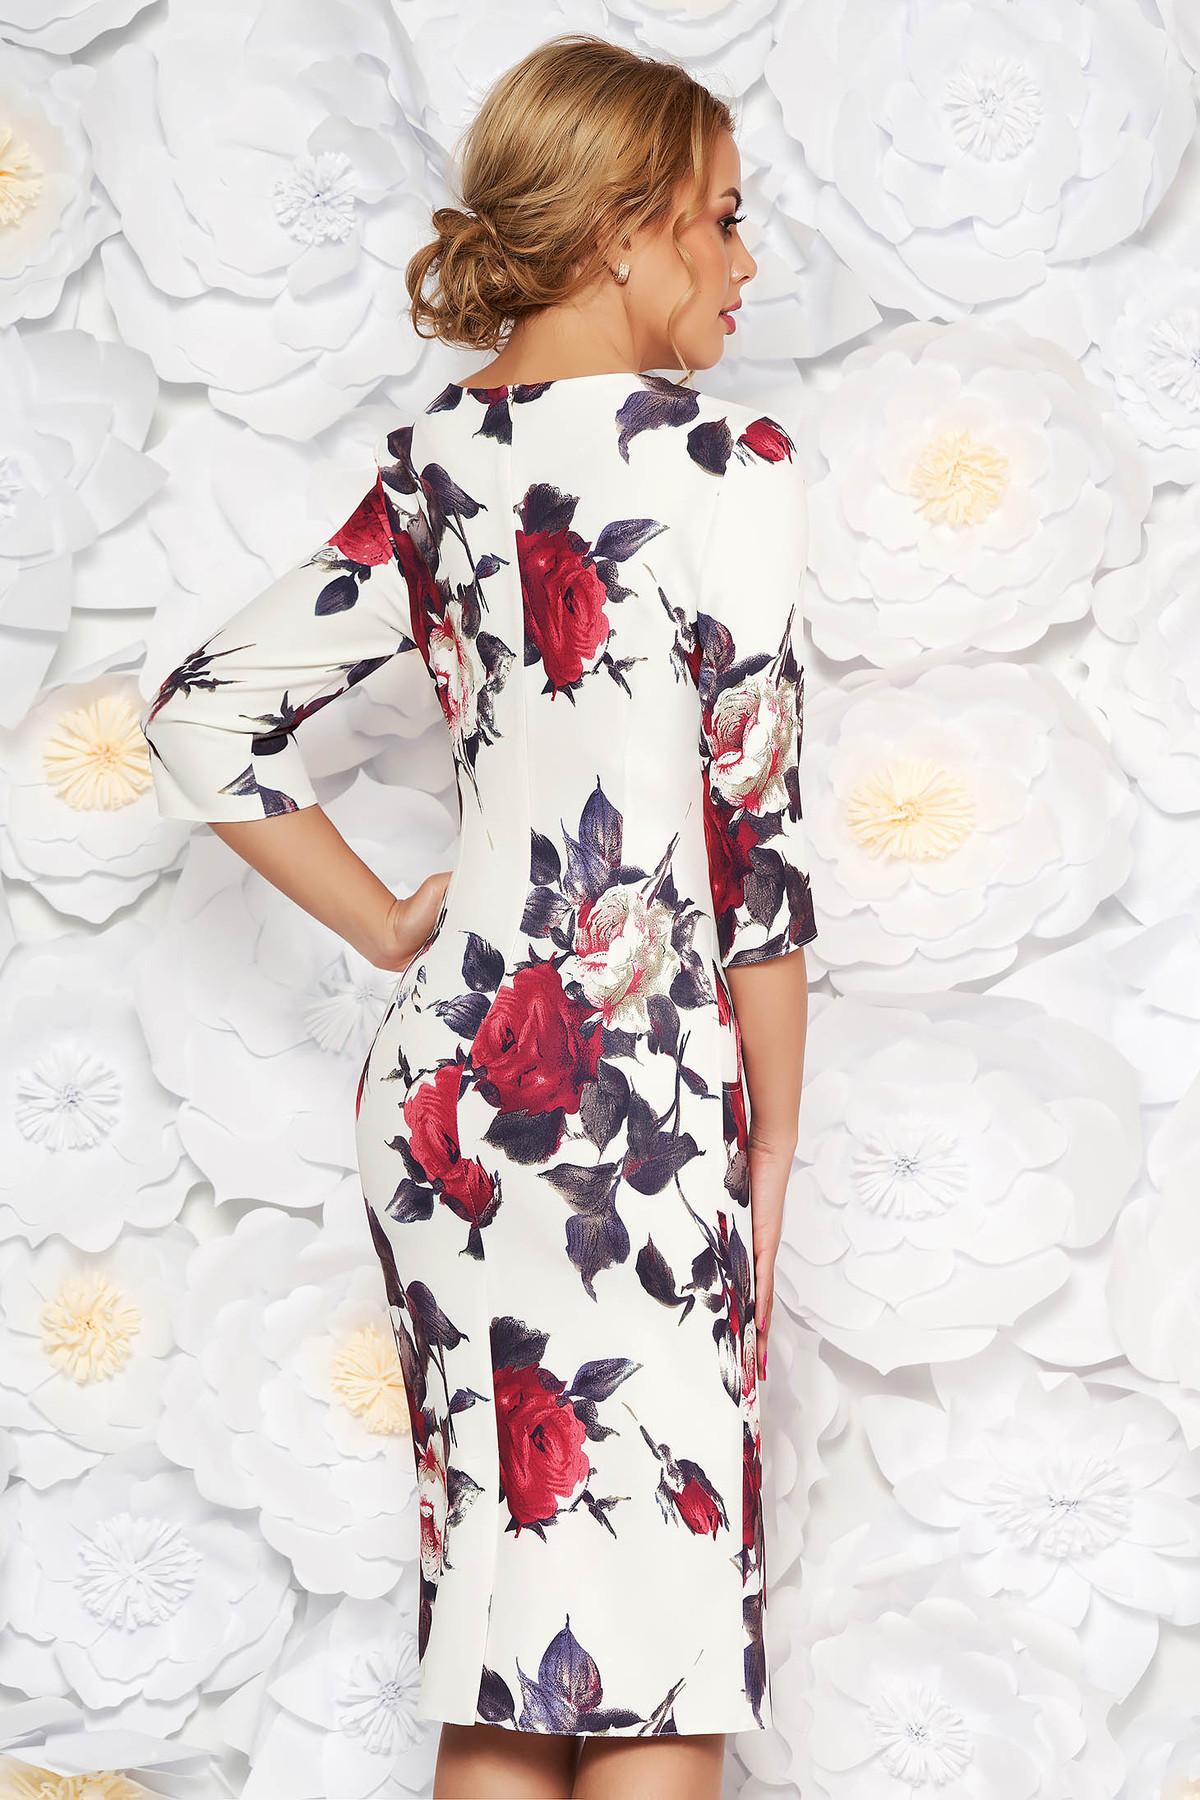 Rochie alba eleganta tip creion cu decolteu in v din material fin la atingere cu imprimeuri florale